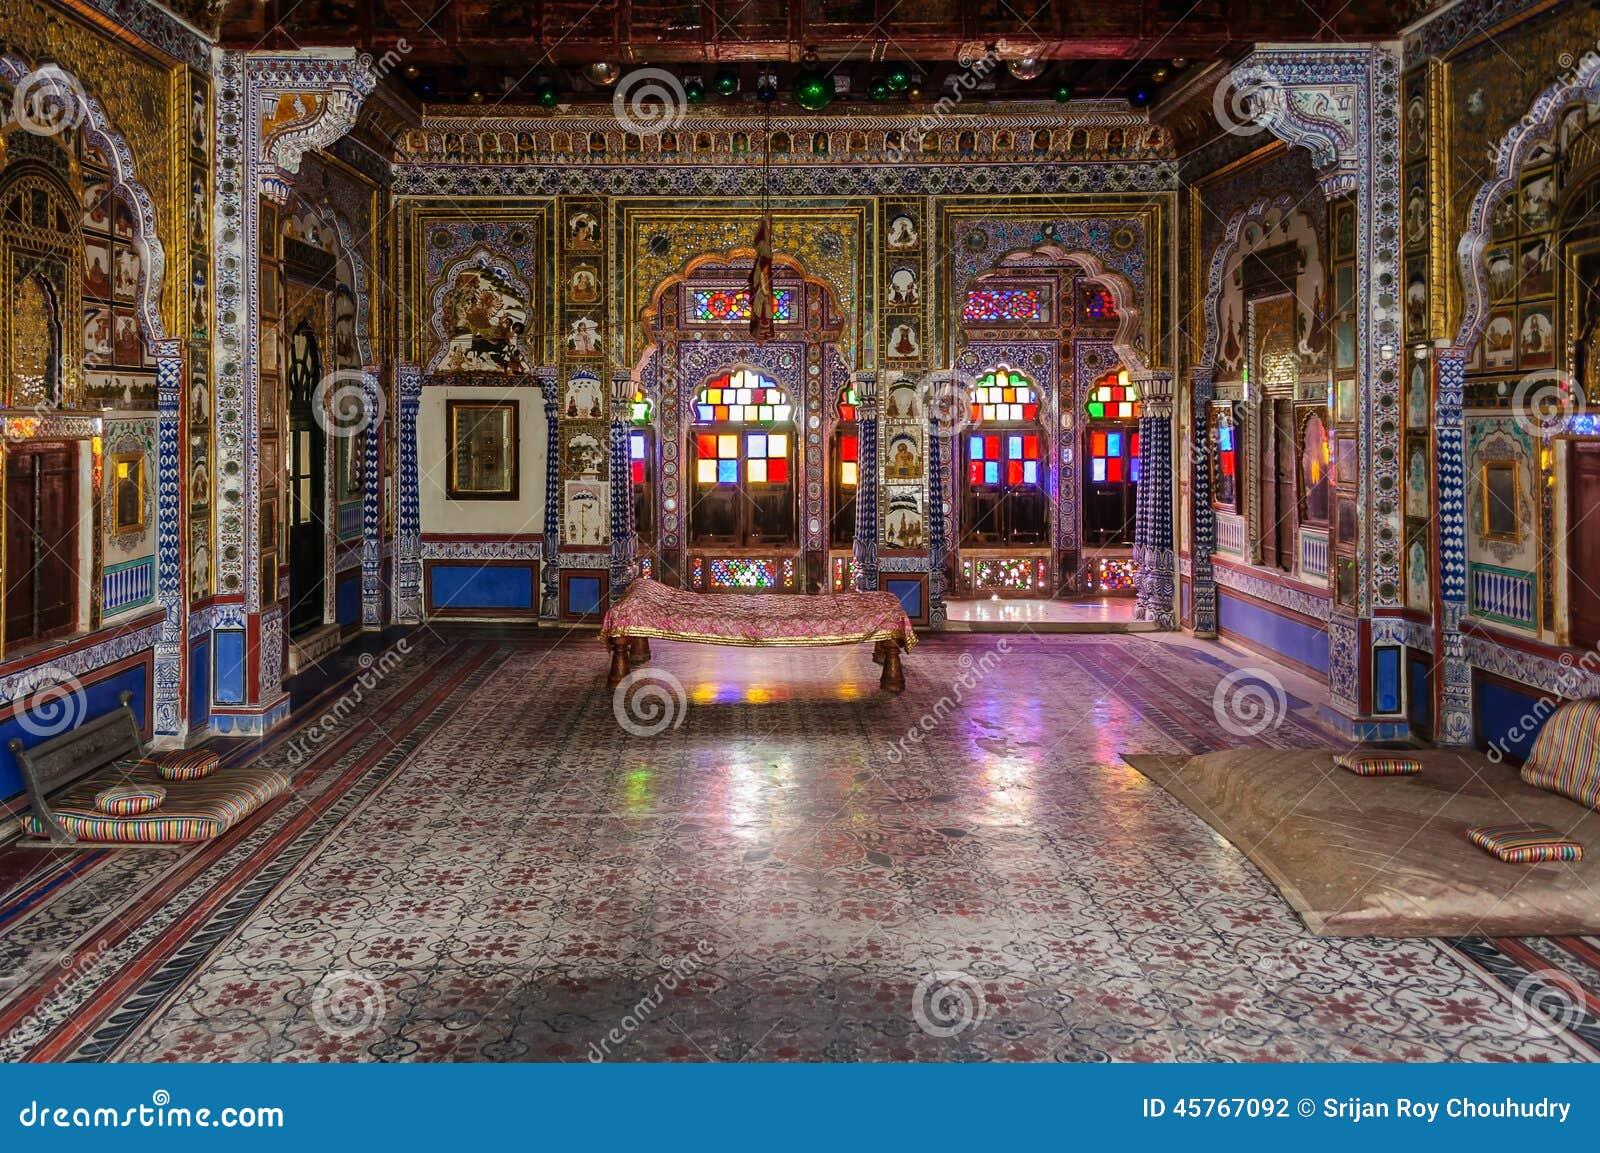 Δωμάτιο θρόνων και βασιλικό δικαστήριο του βασιλιά Marwar